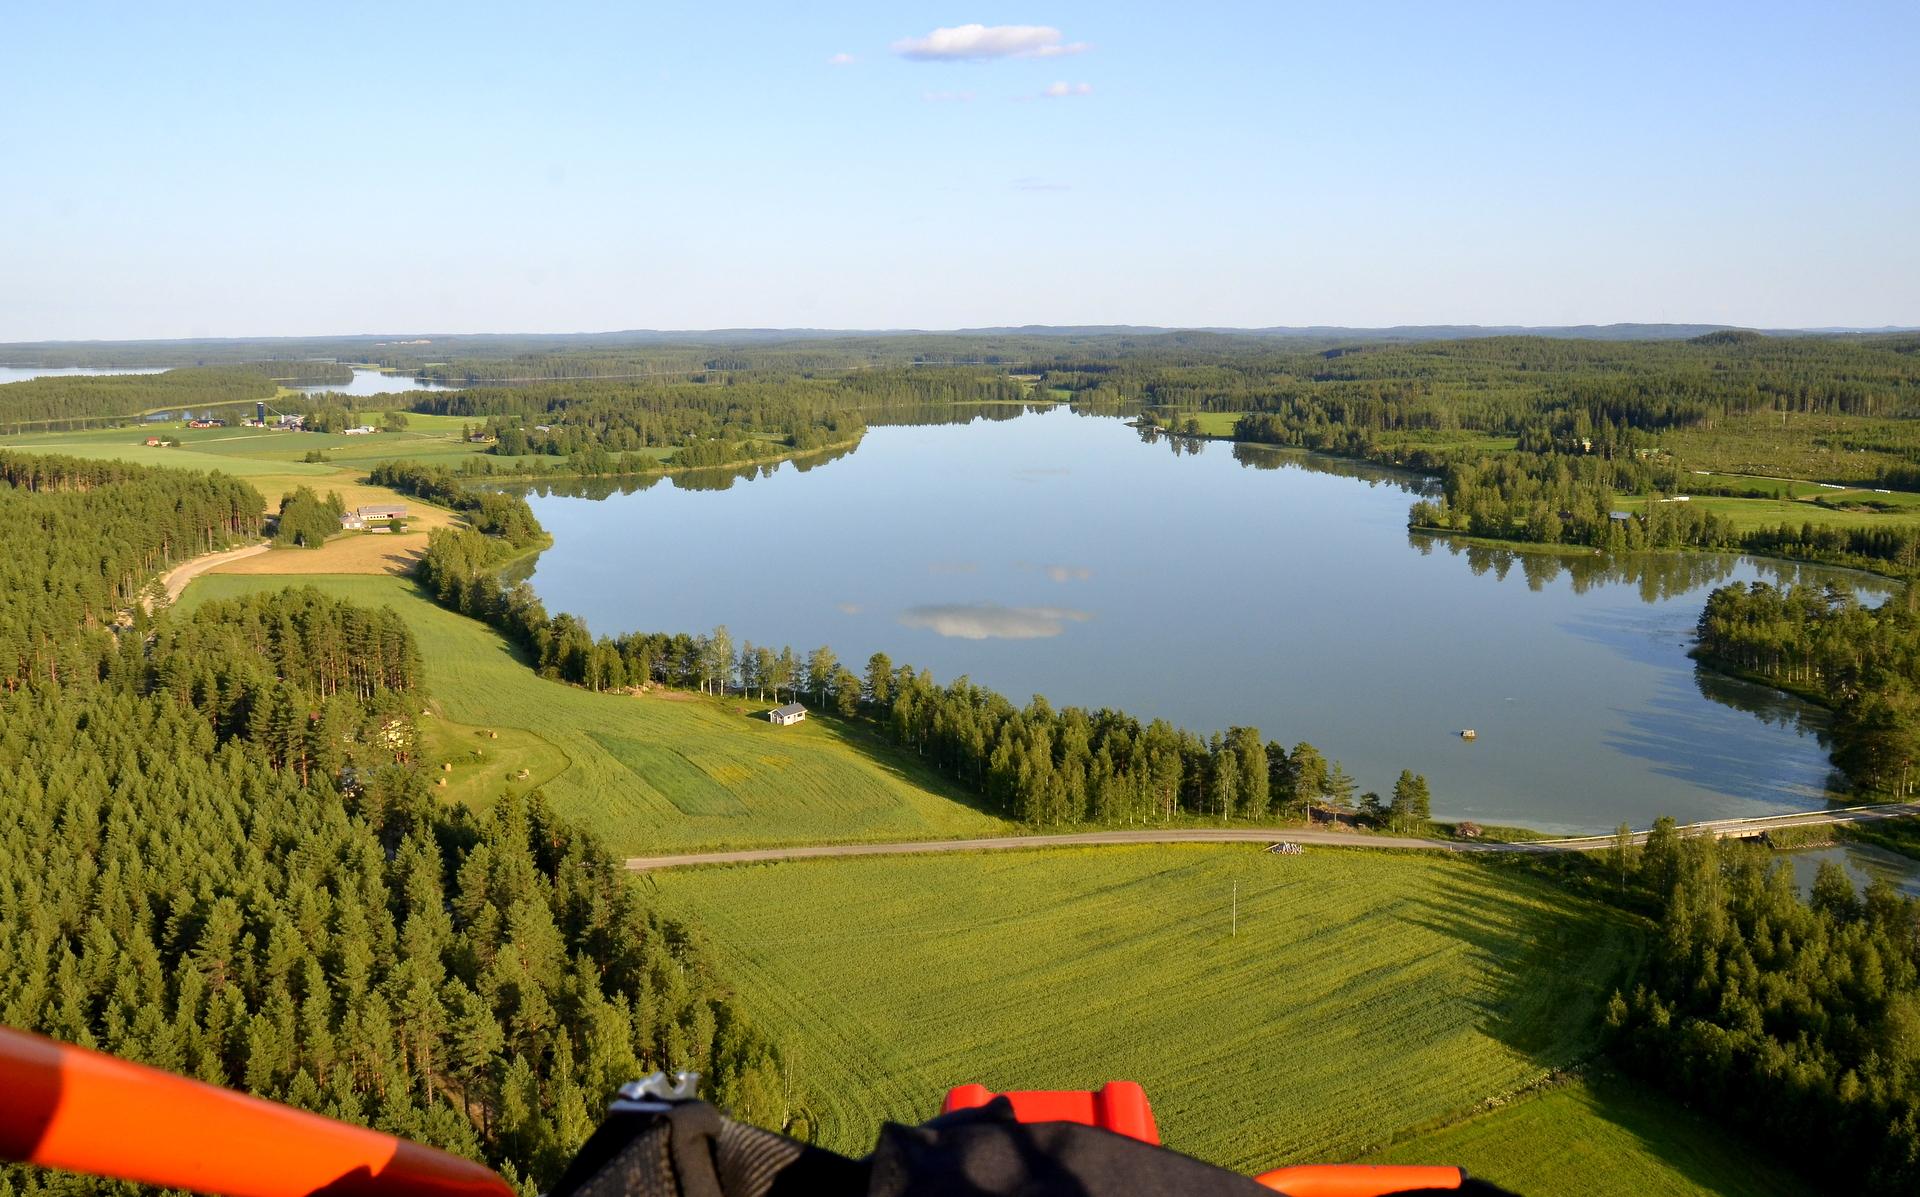 Pasalajärvi jonka kaislat niitettiin tänä kesänä. Jonkin verran irtosi niiton ansiosta ravinteita rannoilta ja sinilevää oli melko runsaasti tänä kesänä.ta rannoilta